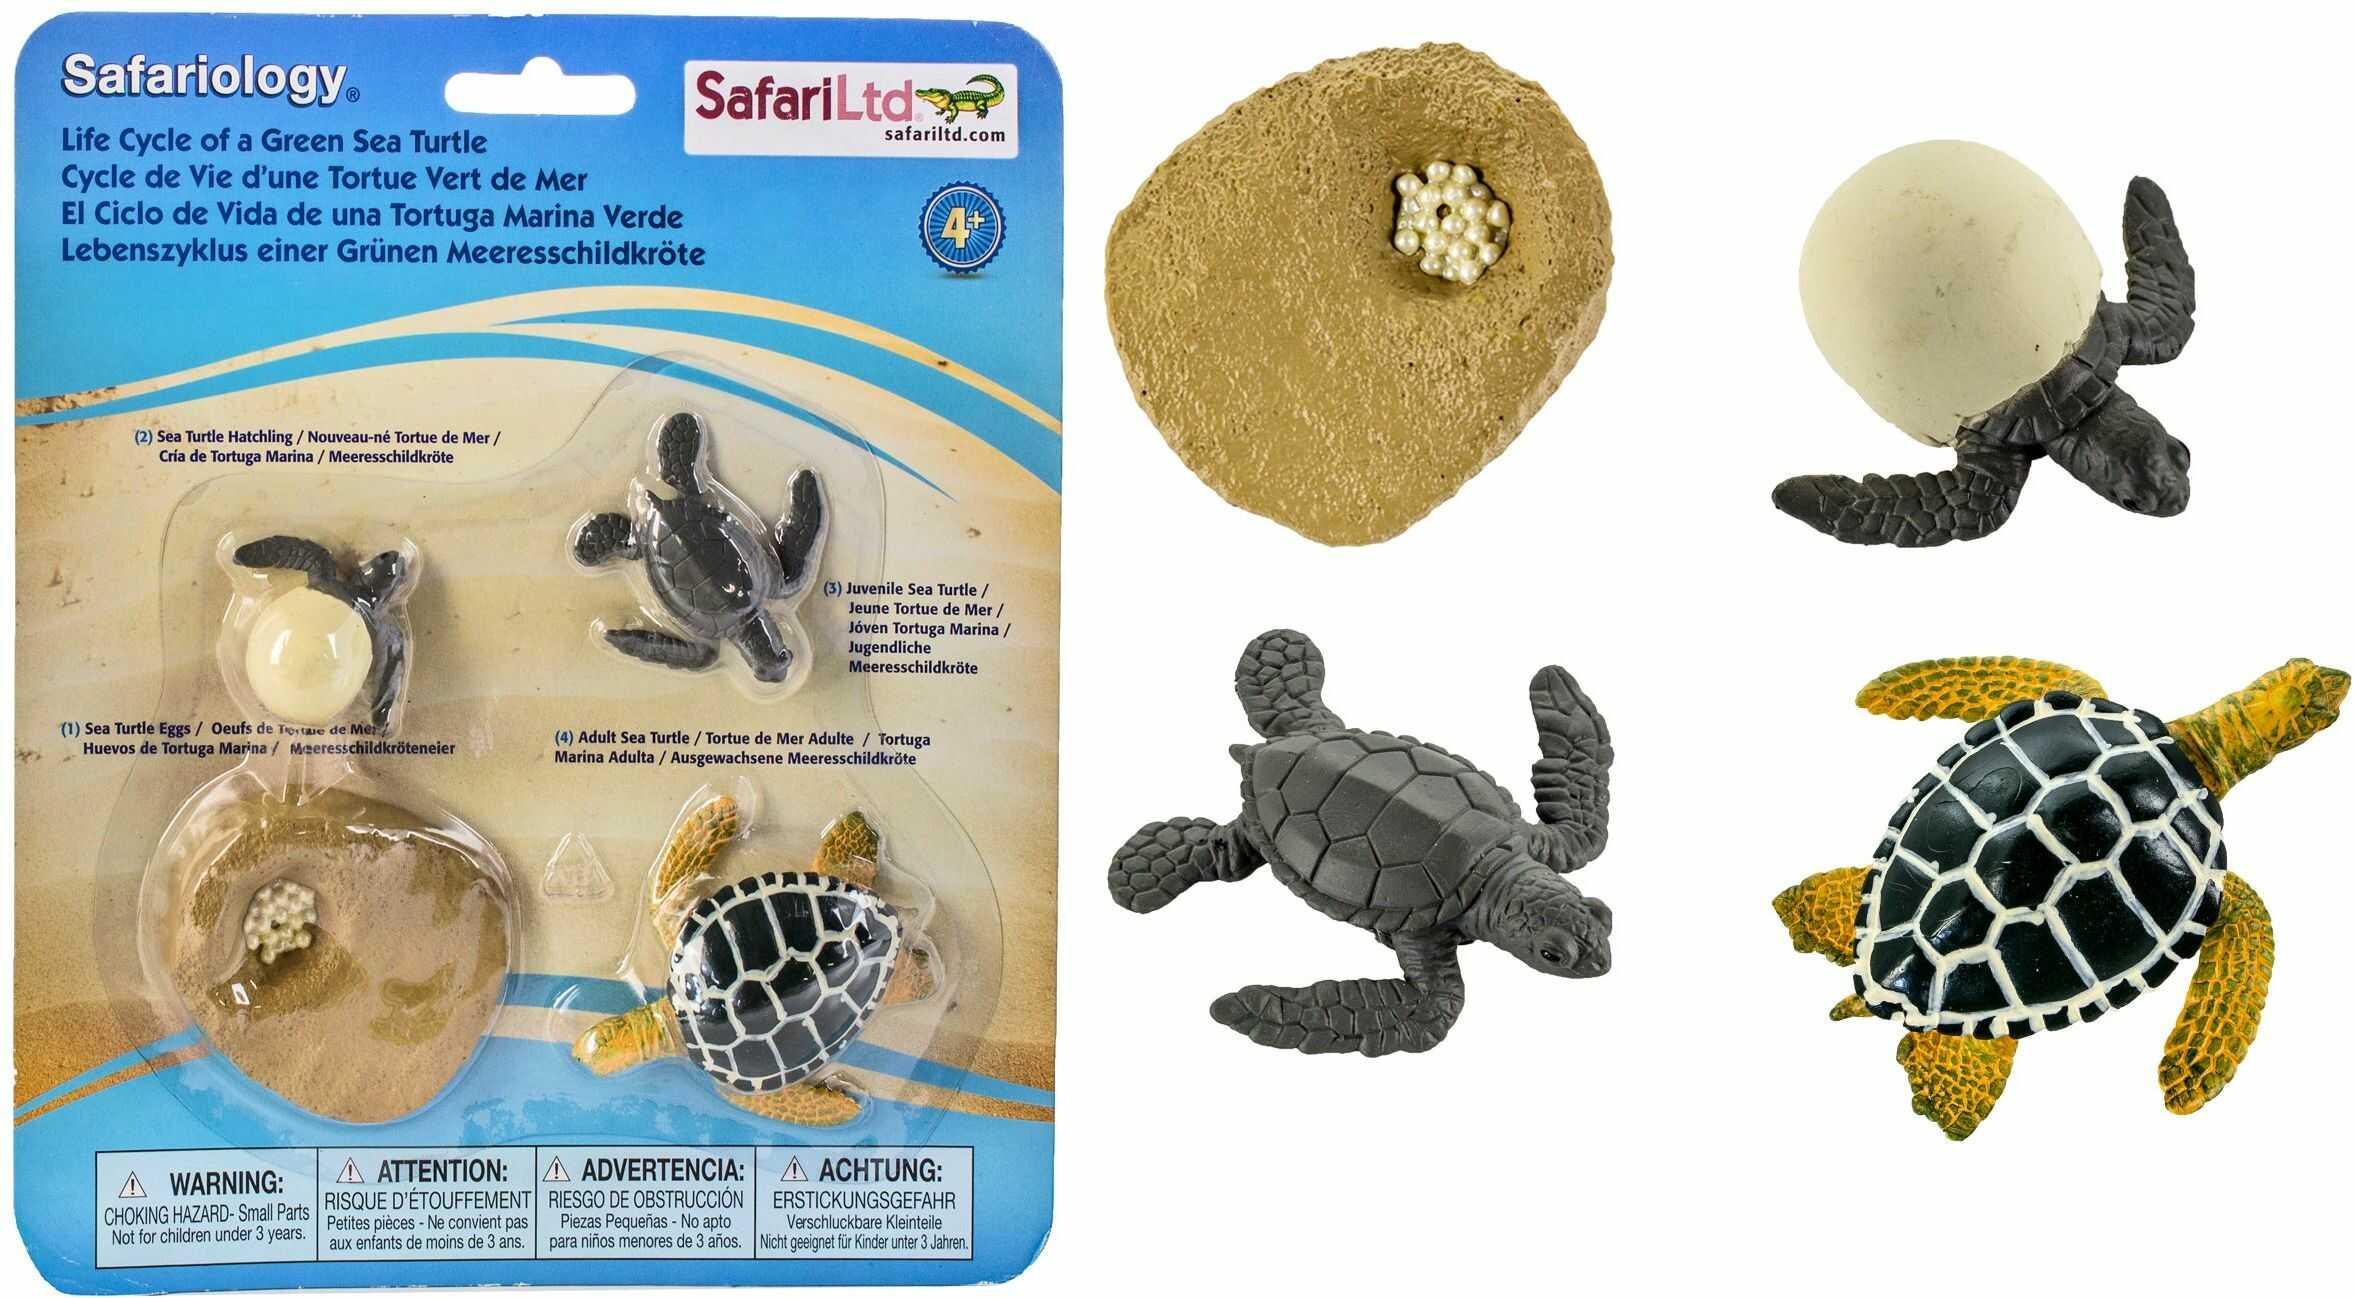 Safari 662316 Cykl życia Zielonego żółwia morskiego